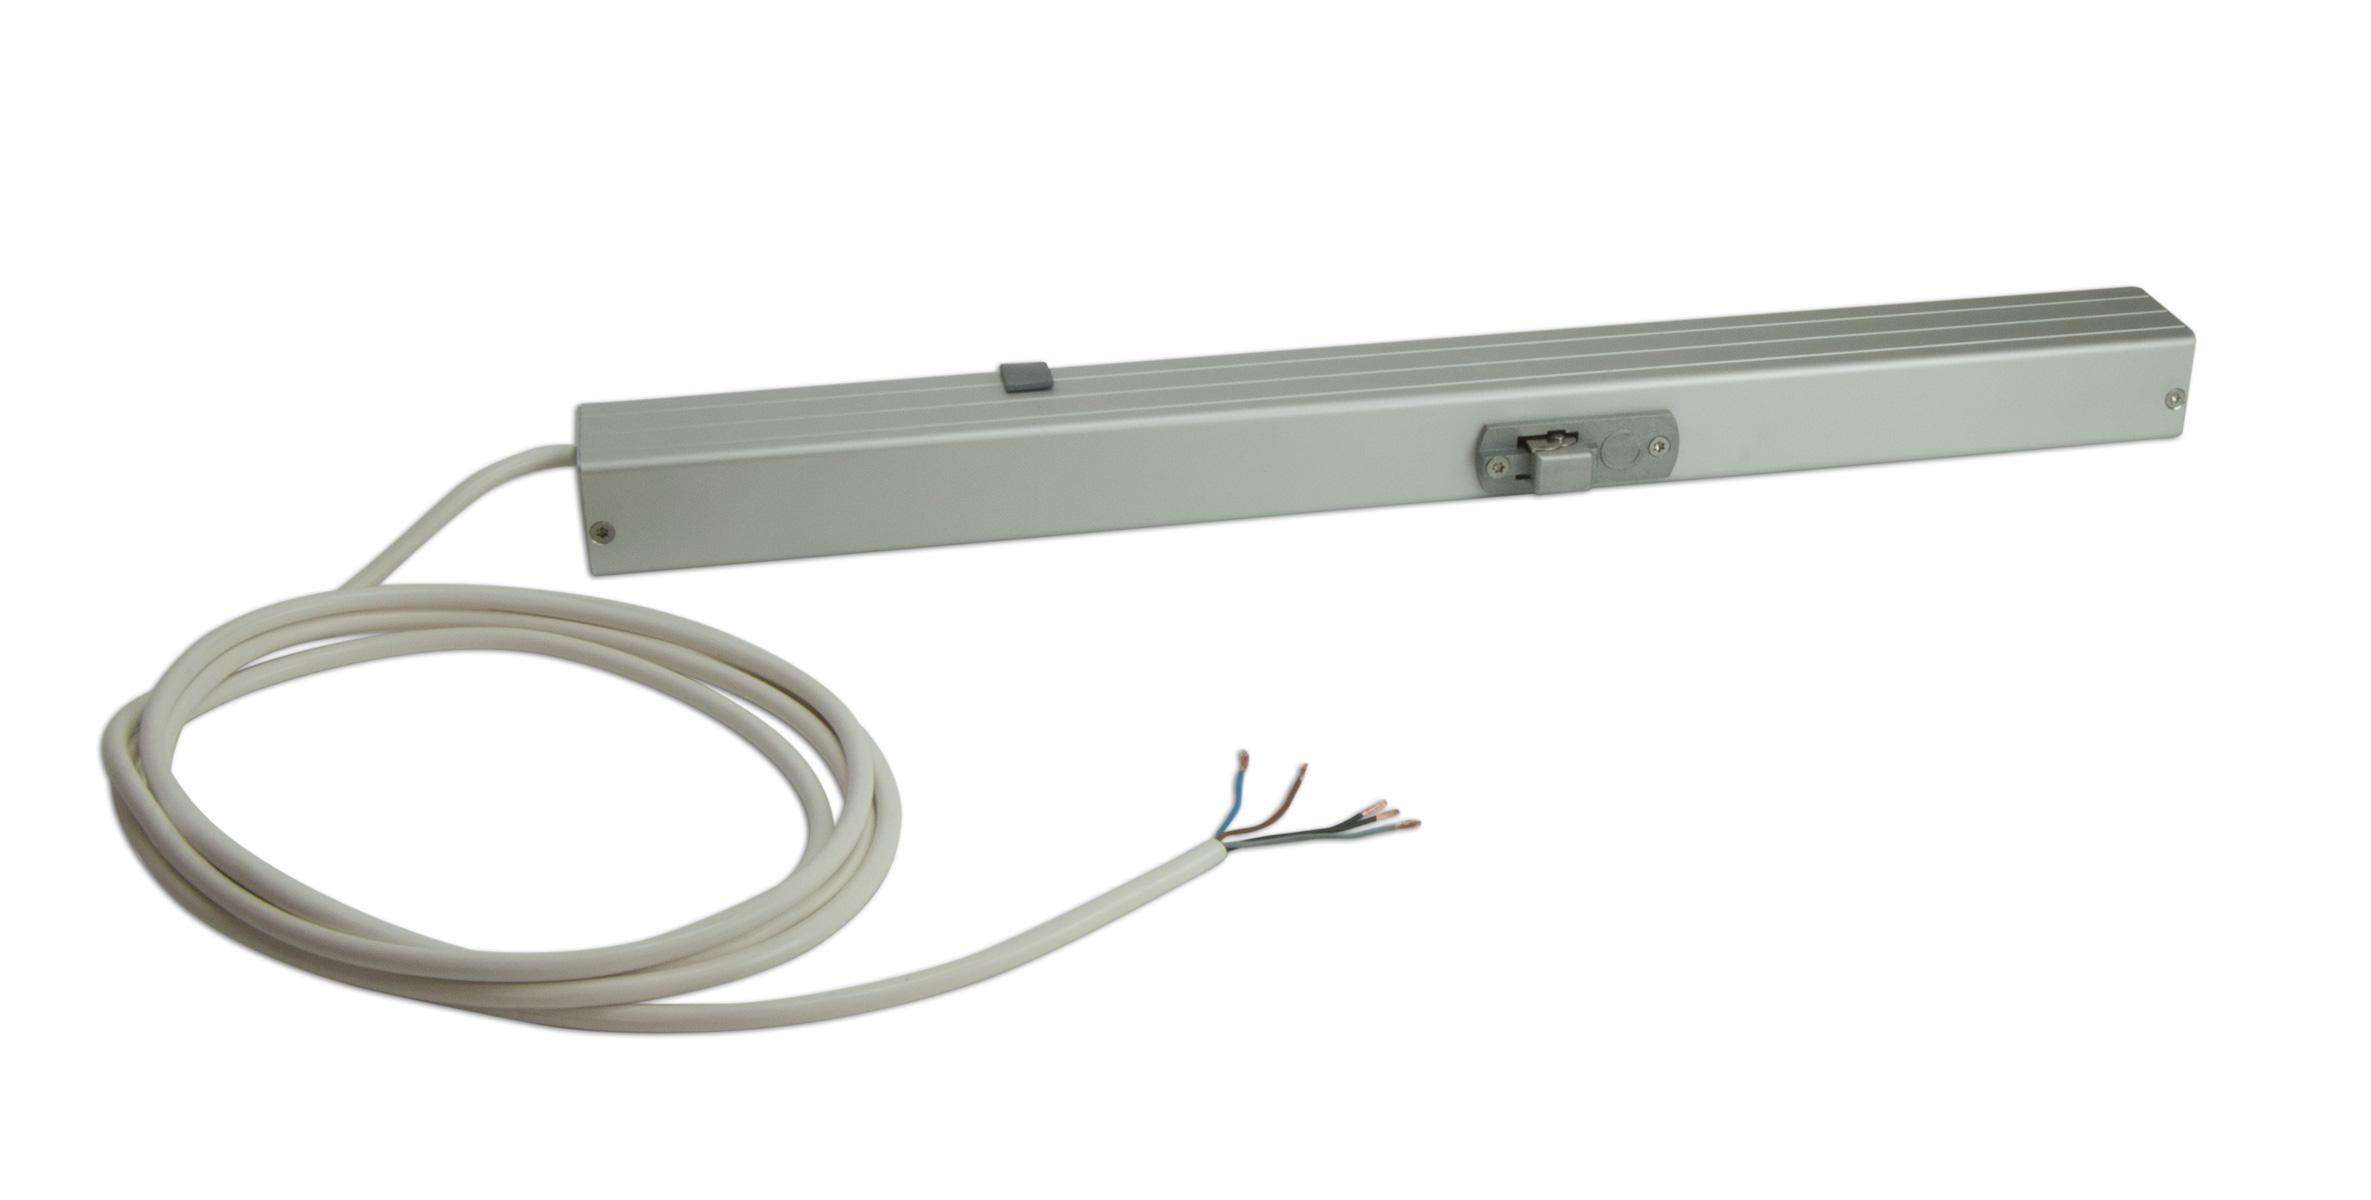 Kettenantrieb EA-K-50 nach DIN EN 12101-2 geprüft